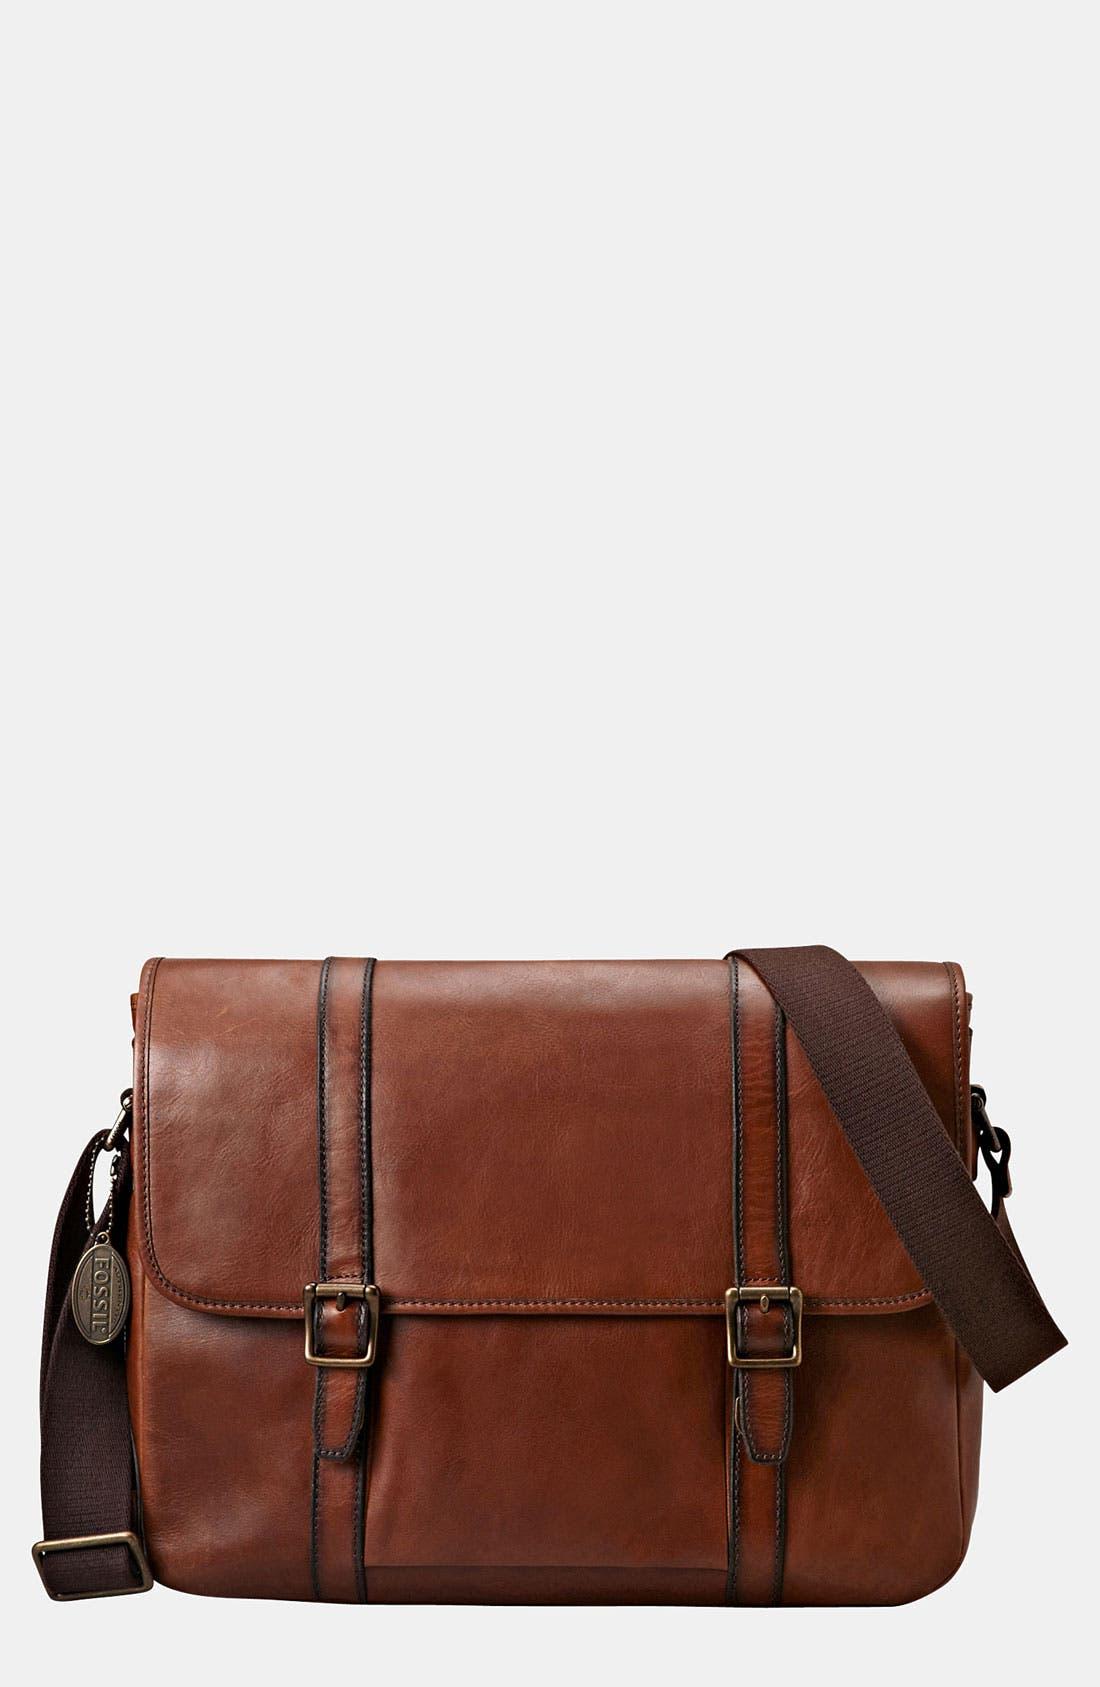 Main Image - Fossil 'Estate' Leather Messenger Bag